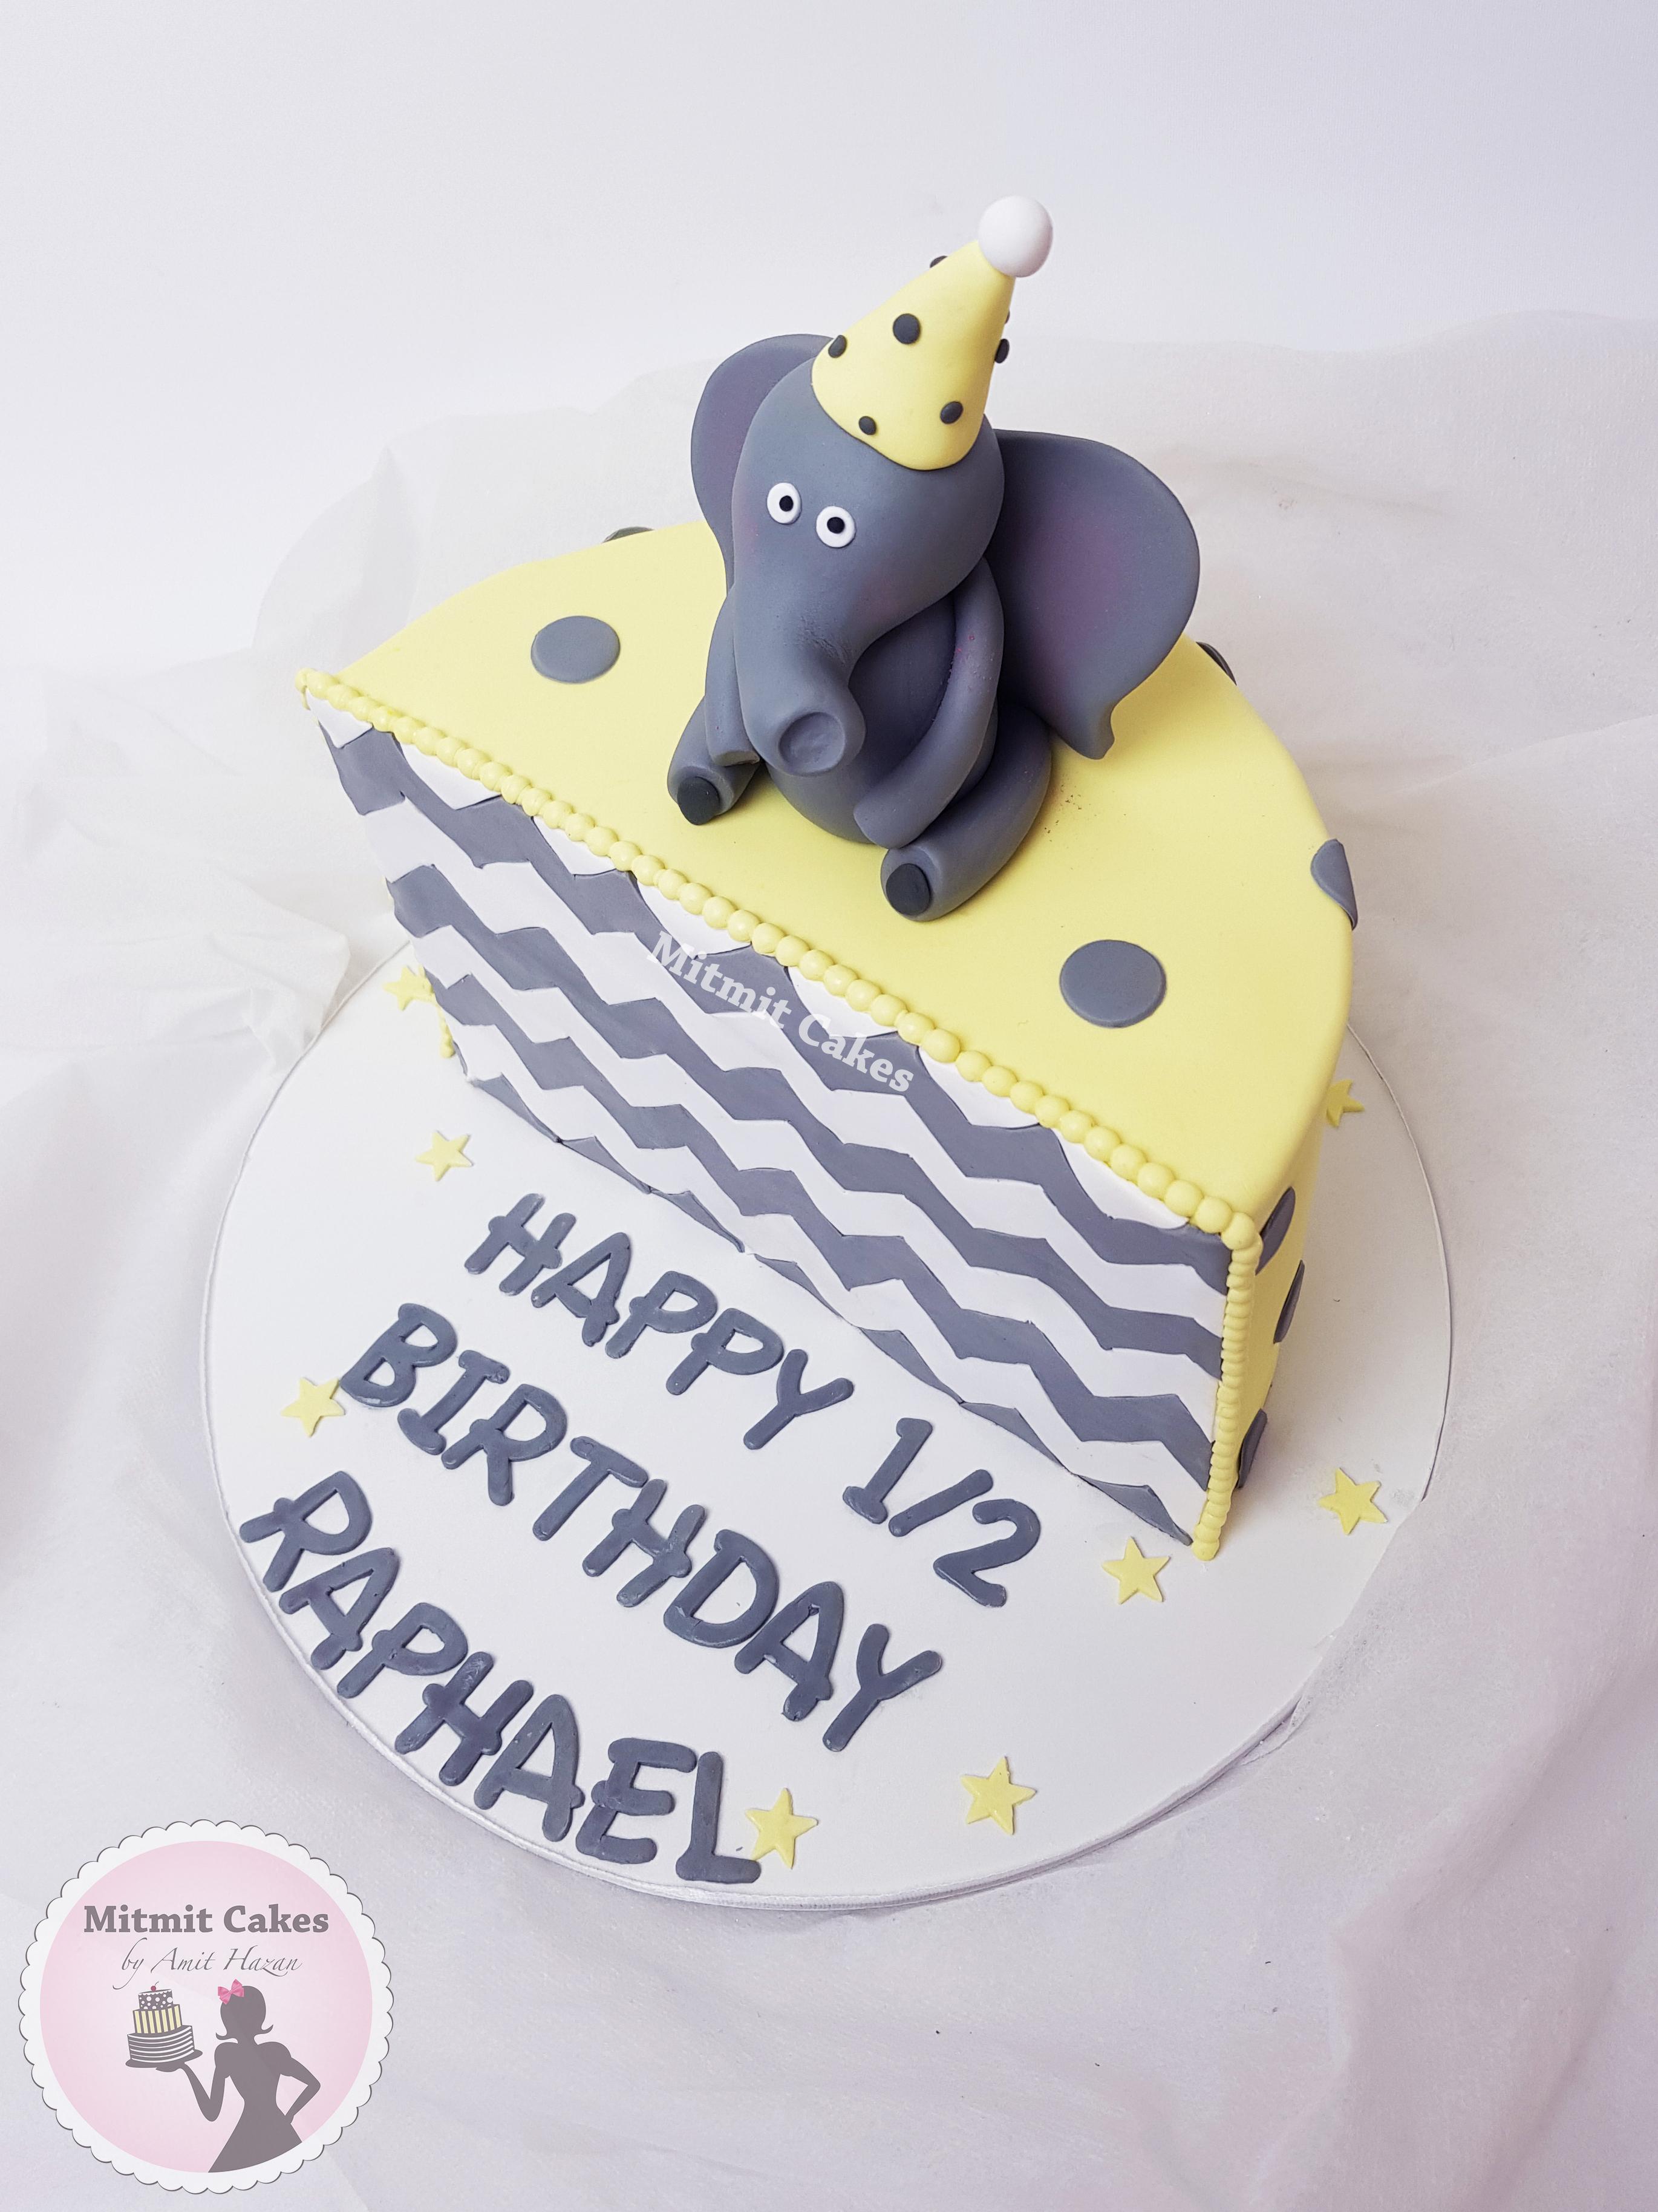 חצי עוגה לגיל חצי שנה